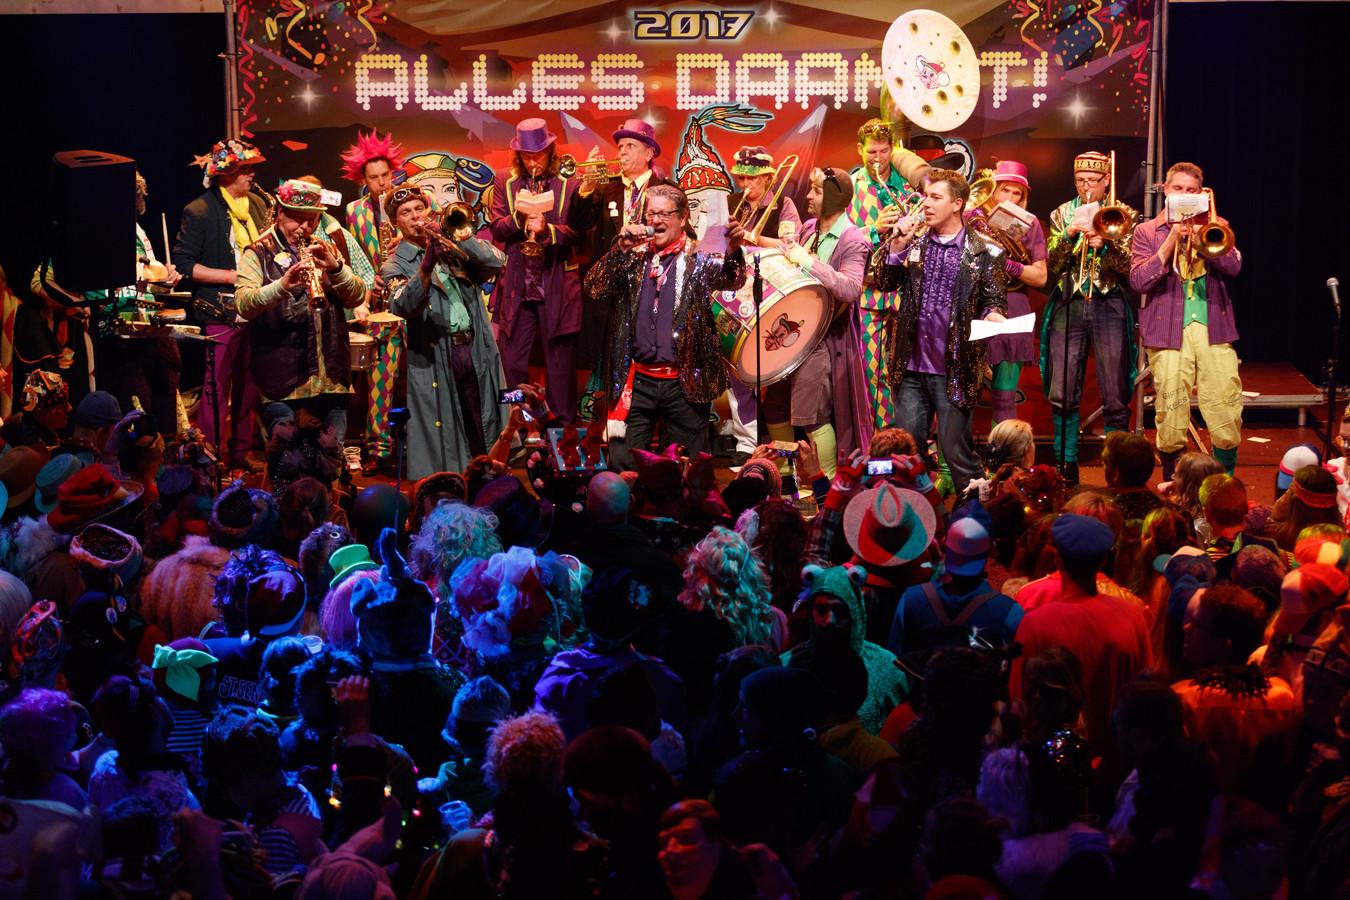 Zo druk als tijdens het Liedjesfestival in november 2016 zal het voorlopig niet zijn in De Kring.